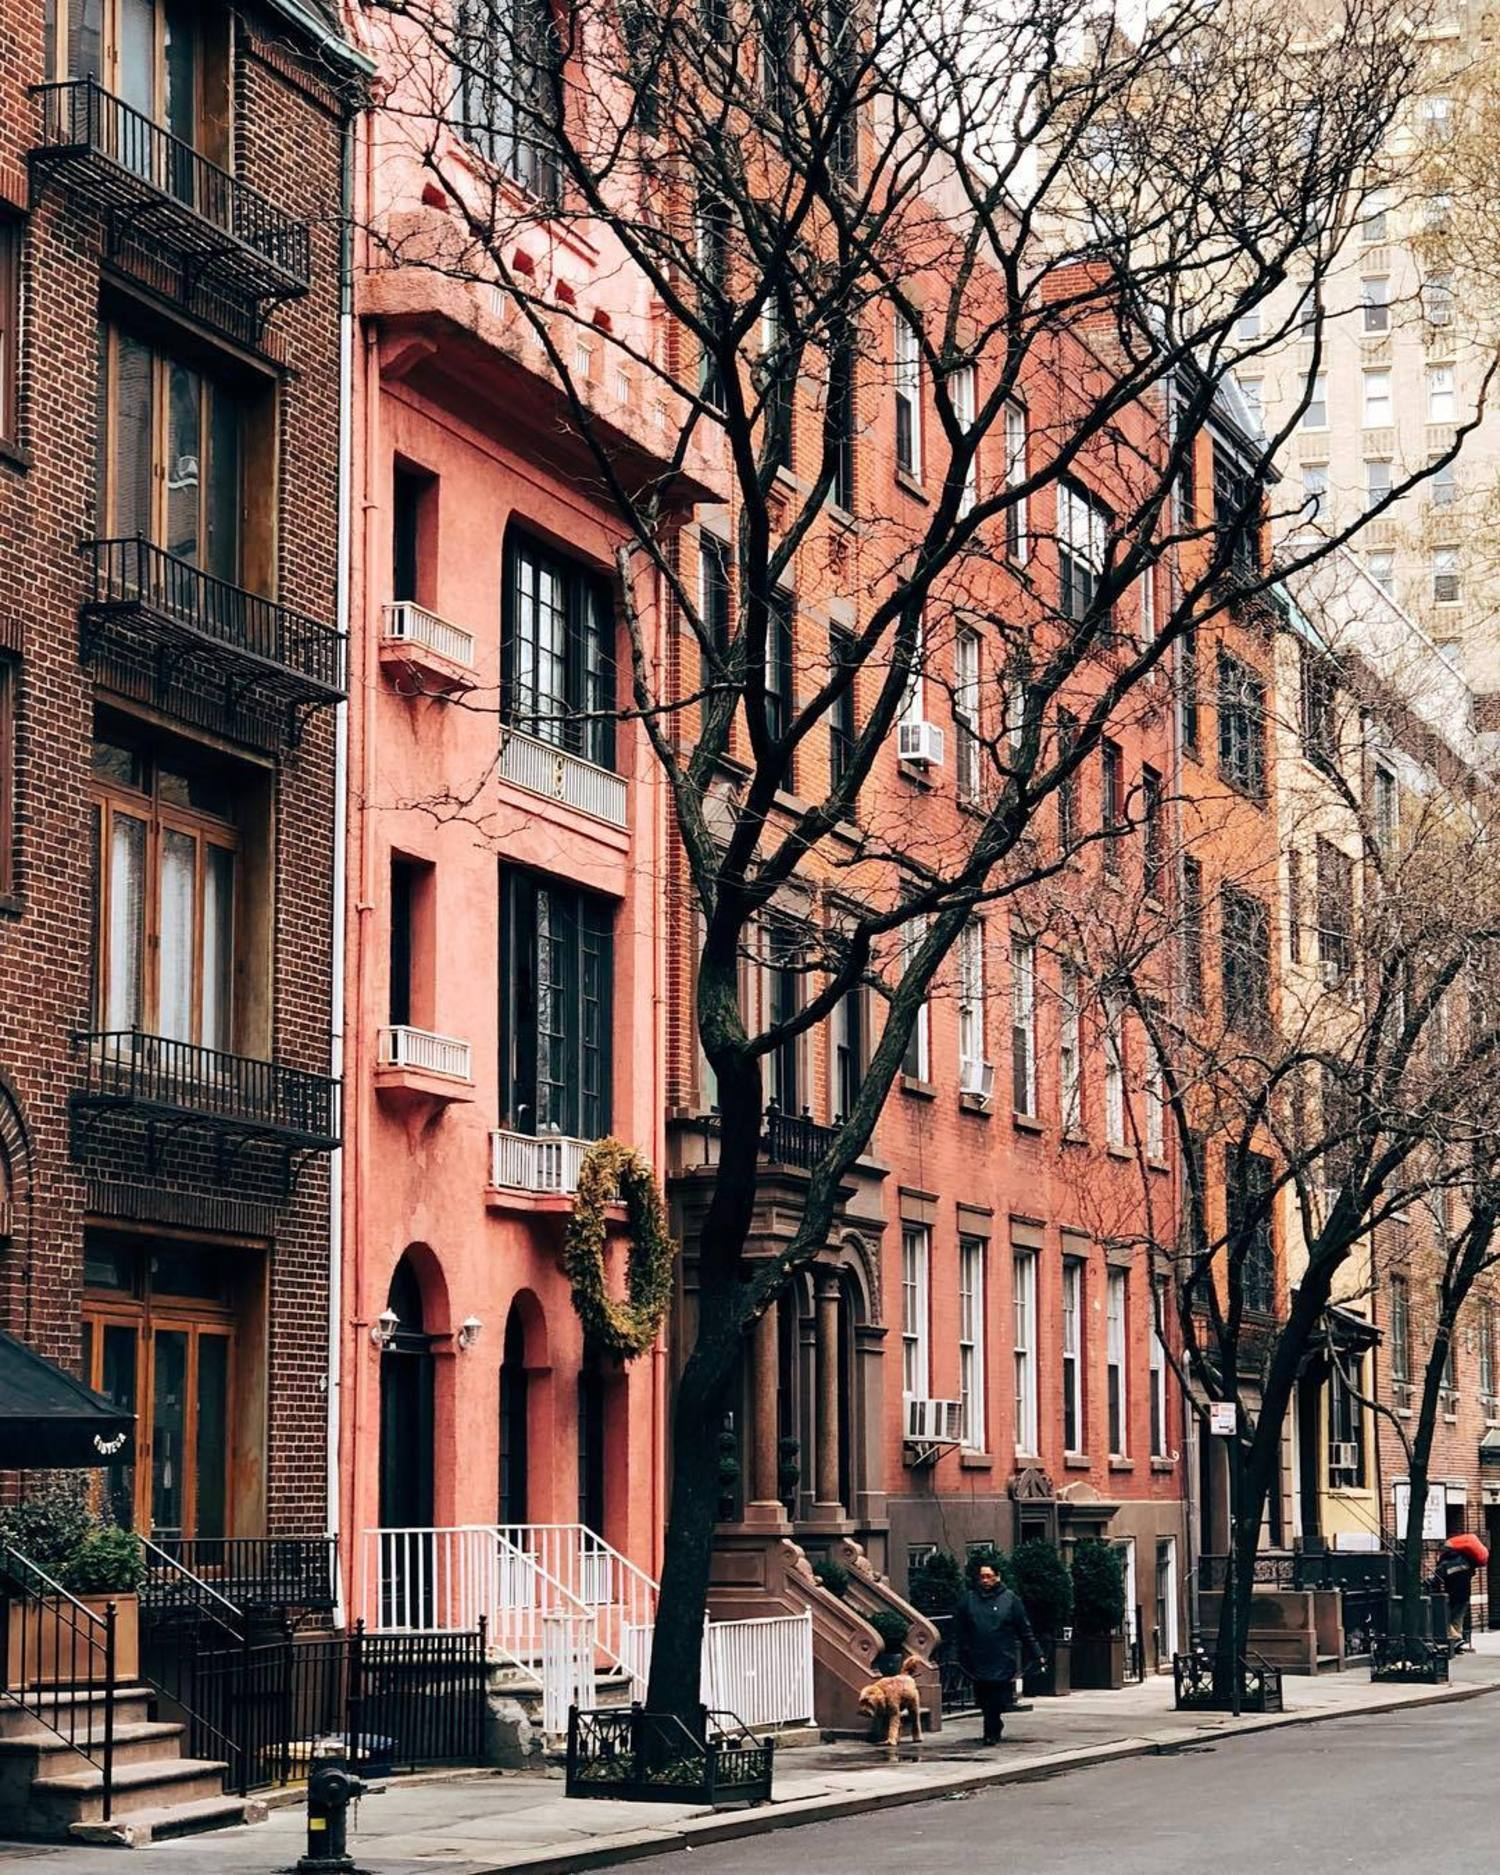 Greenwich Village, Manhattan, New York